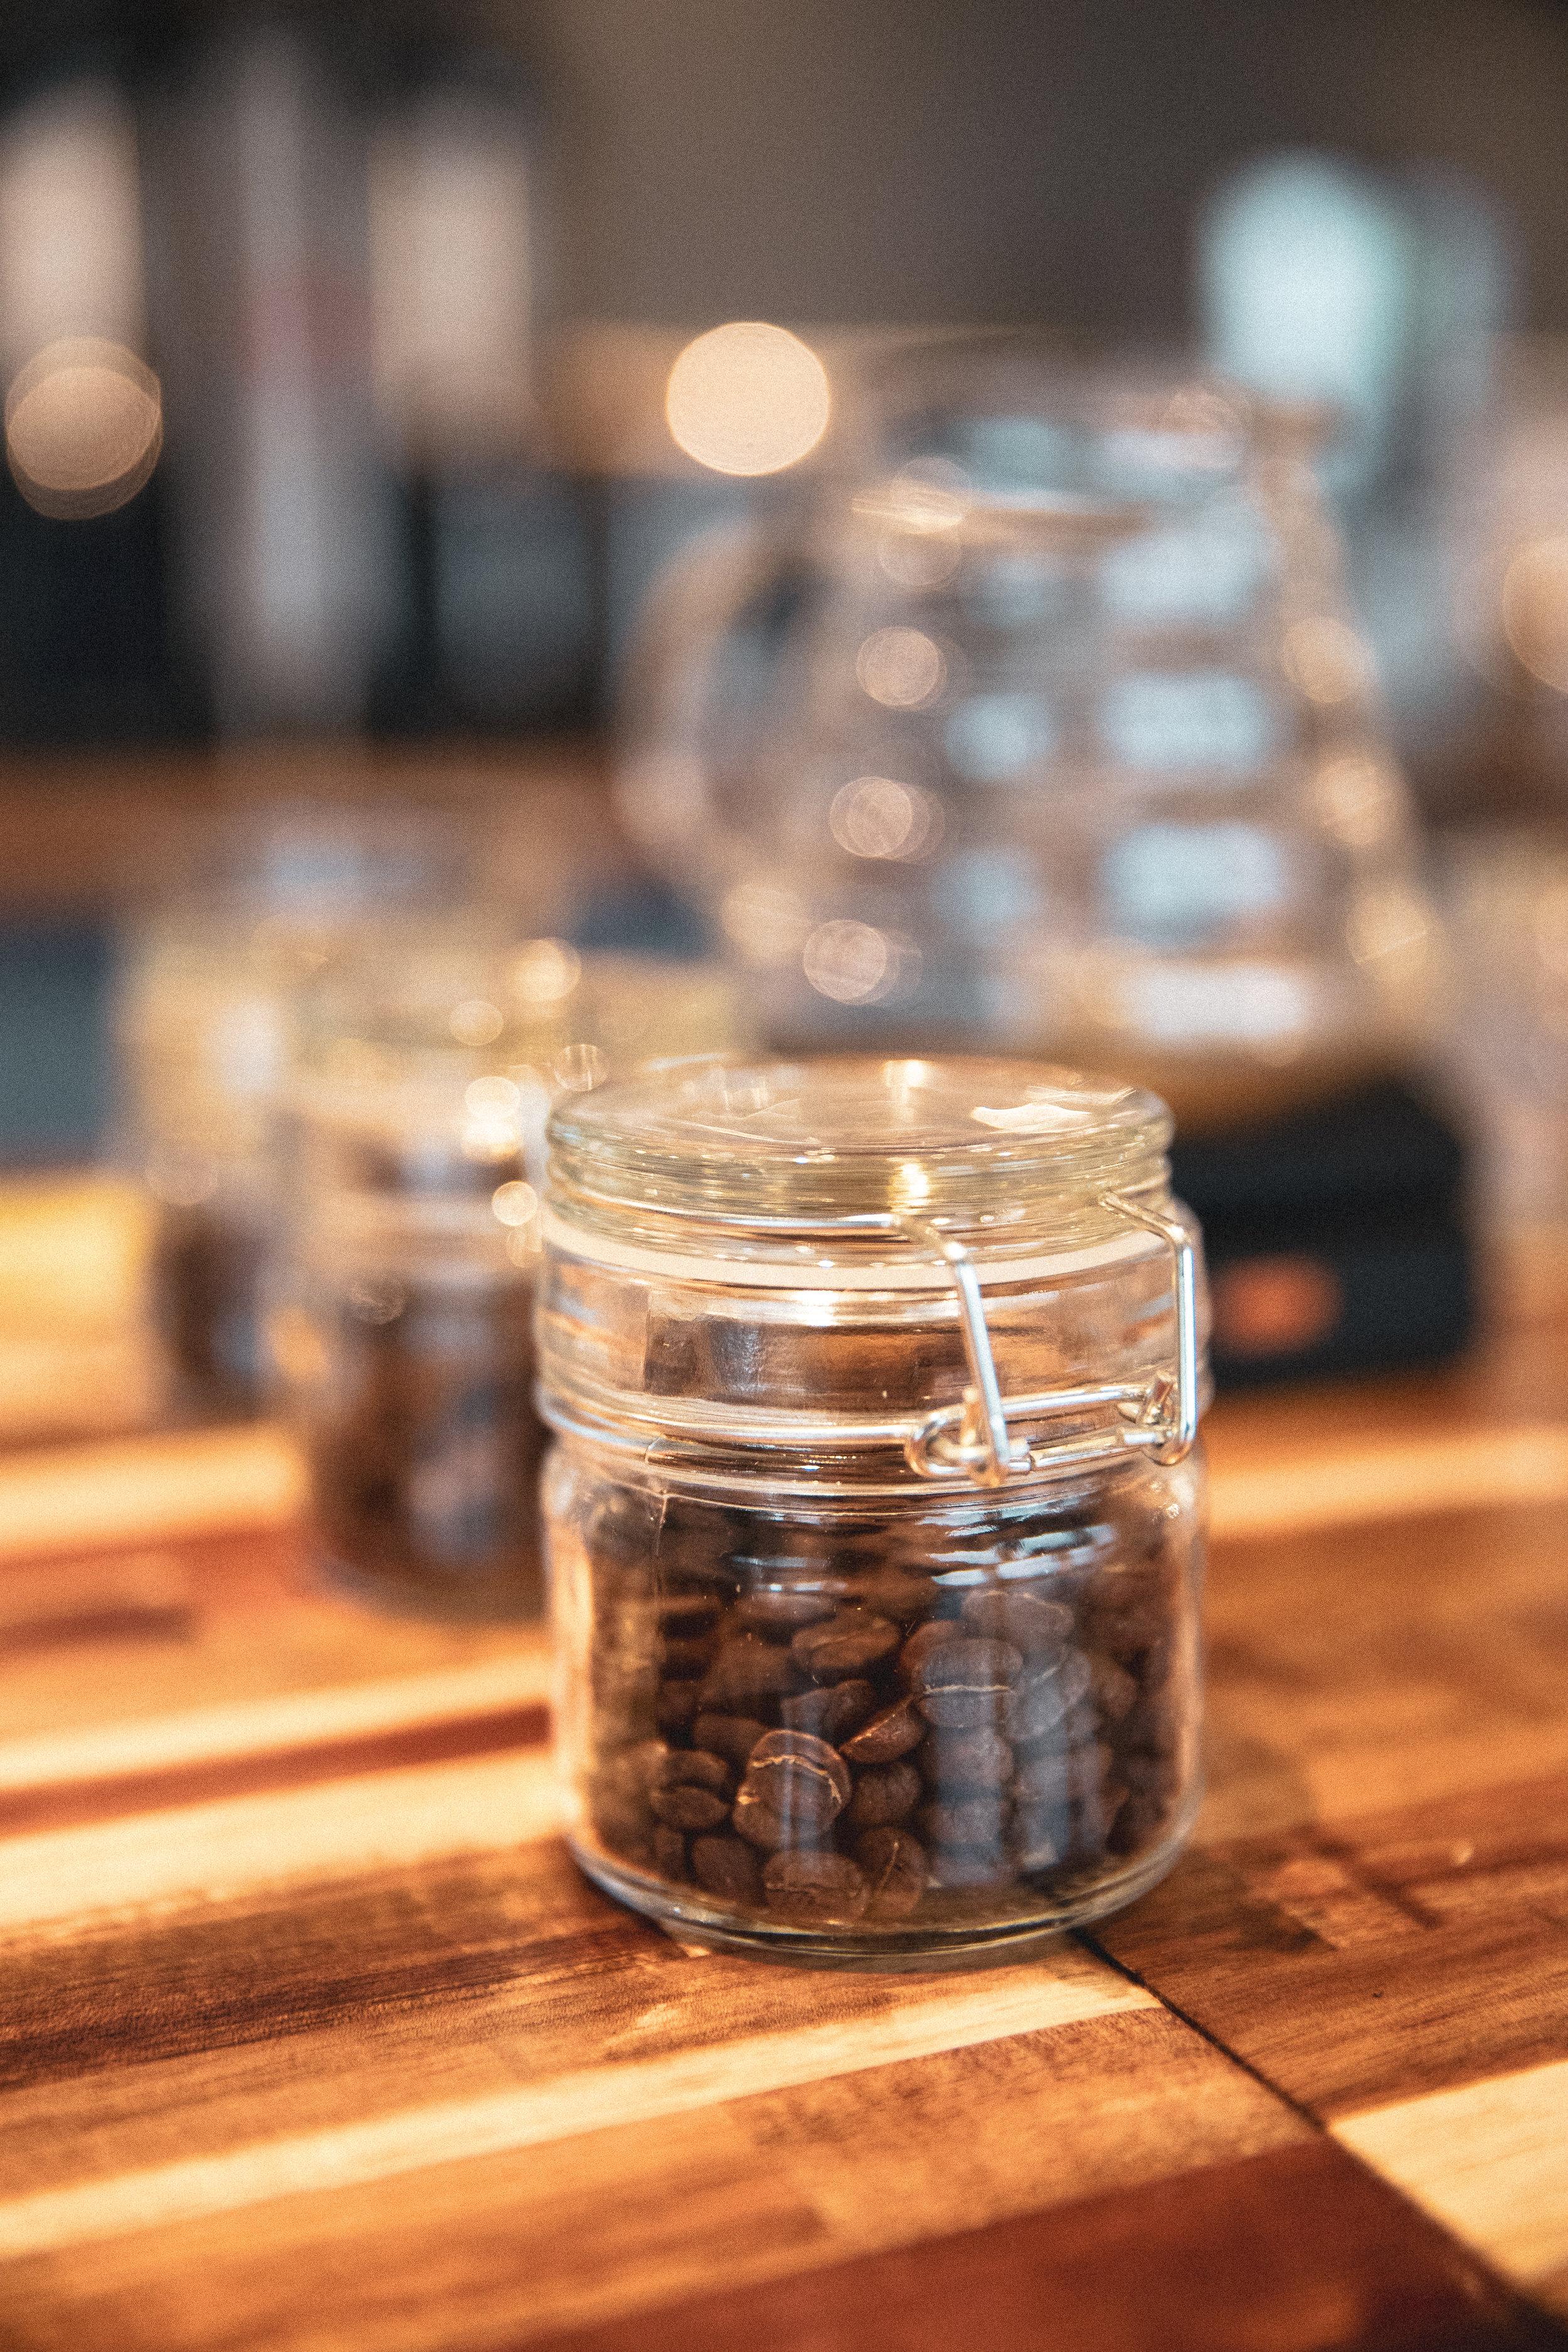 coffeeshop-photography-9I0555.jpg